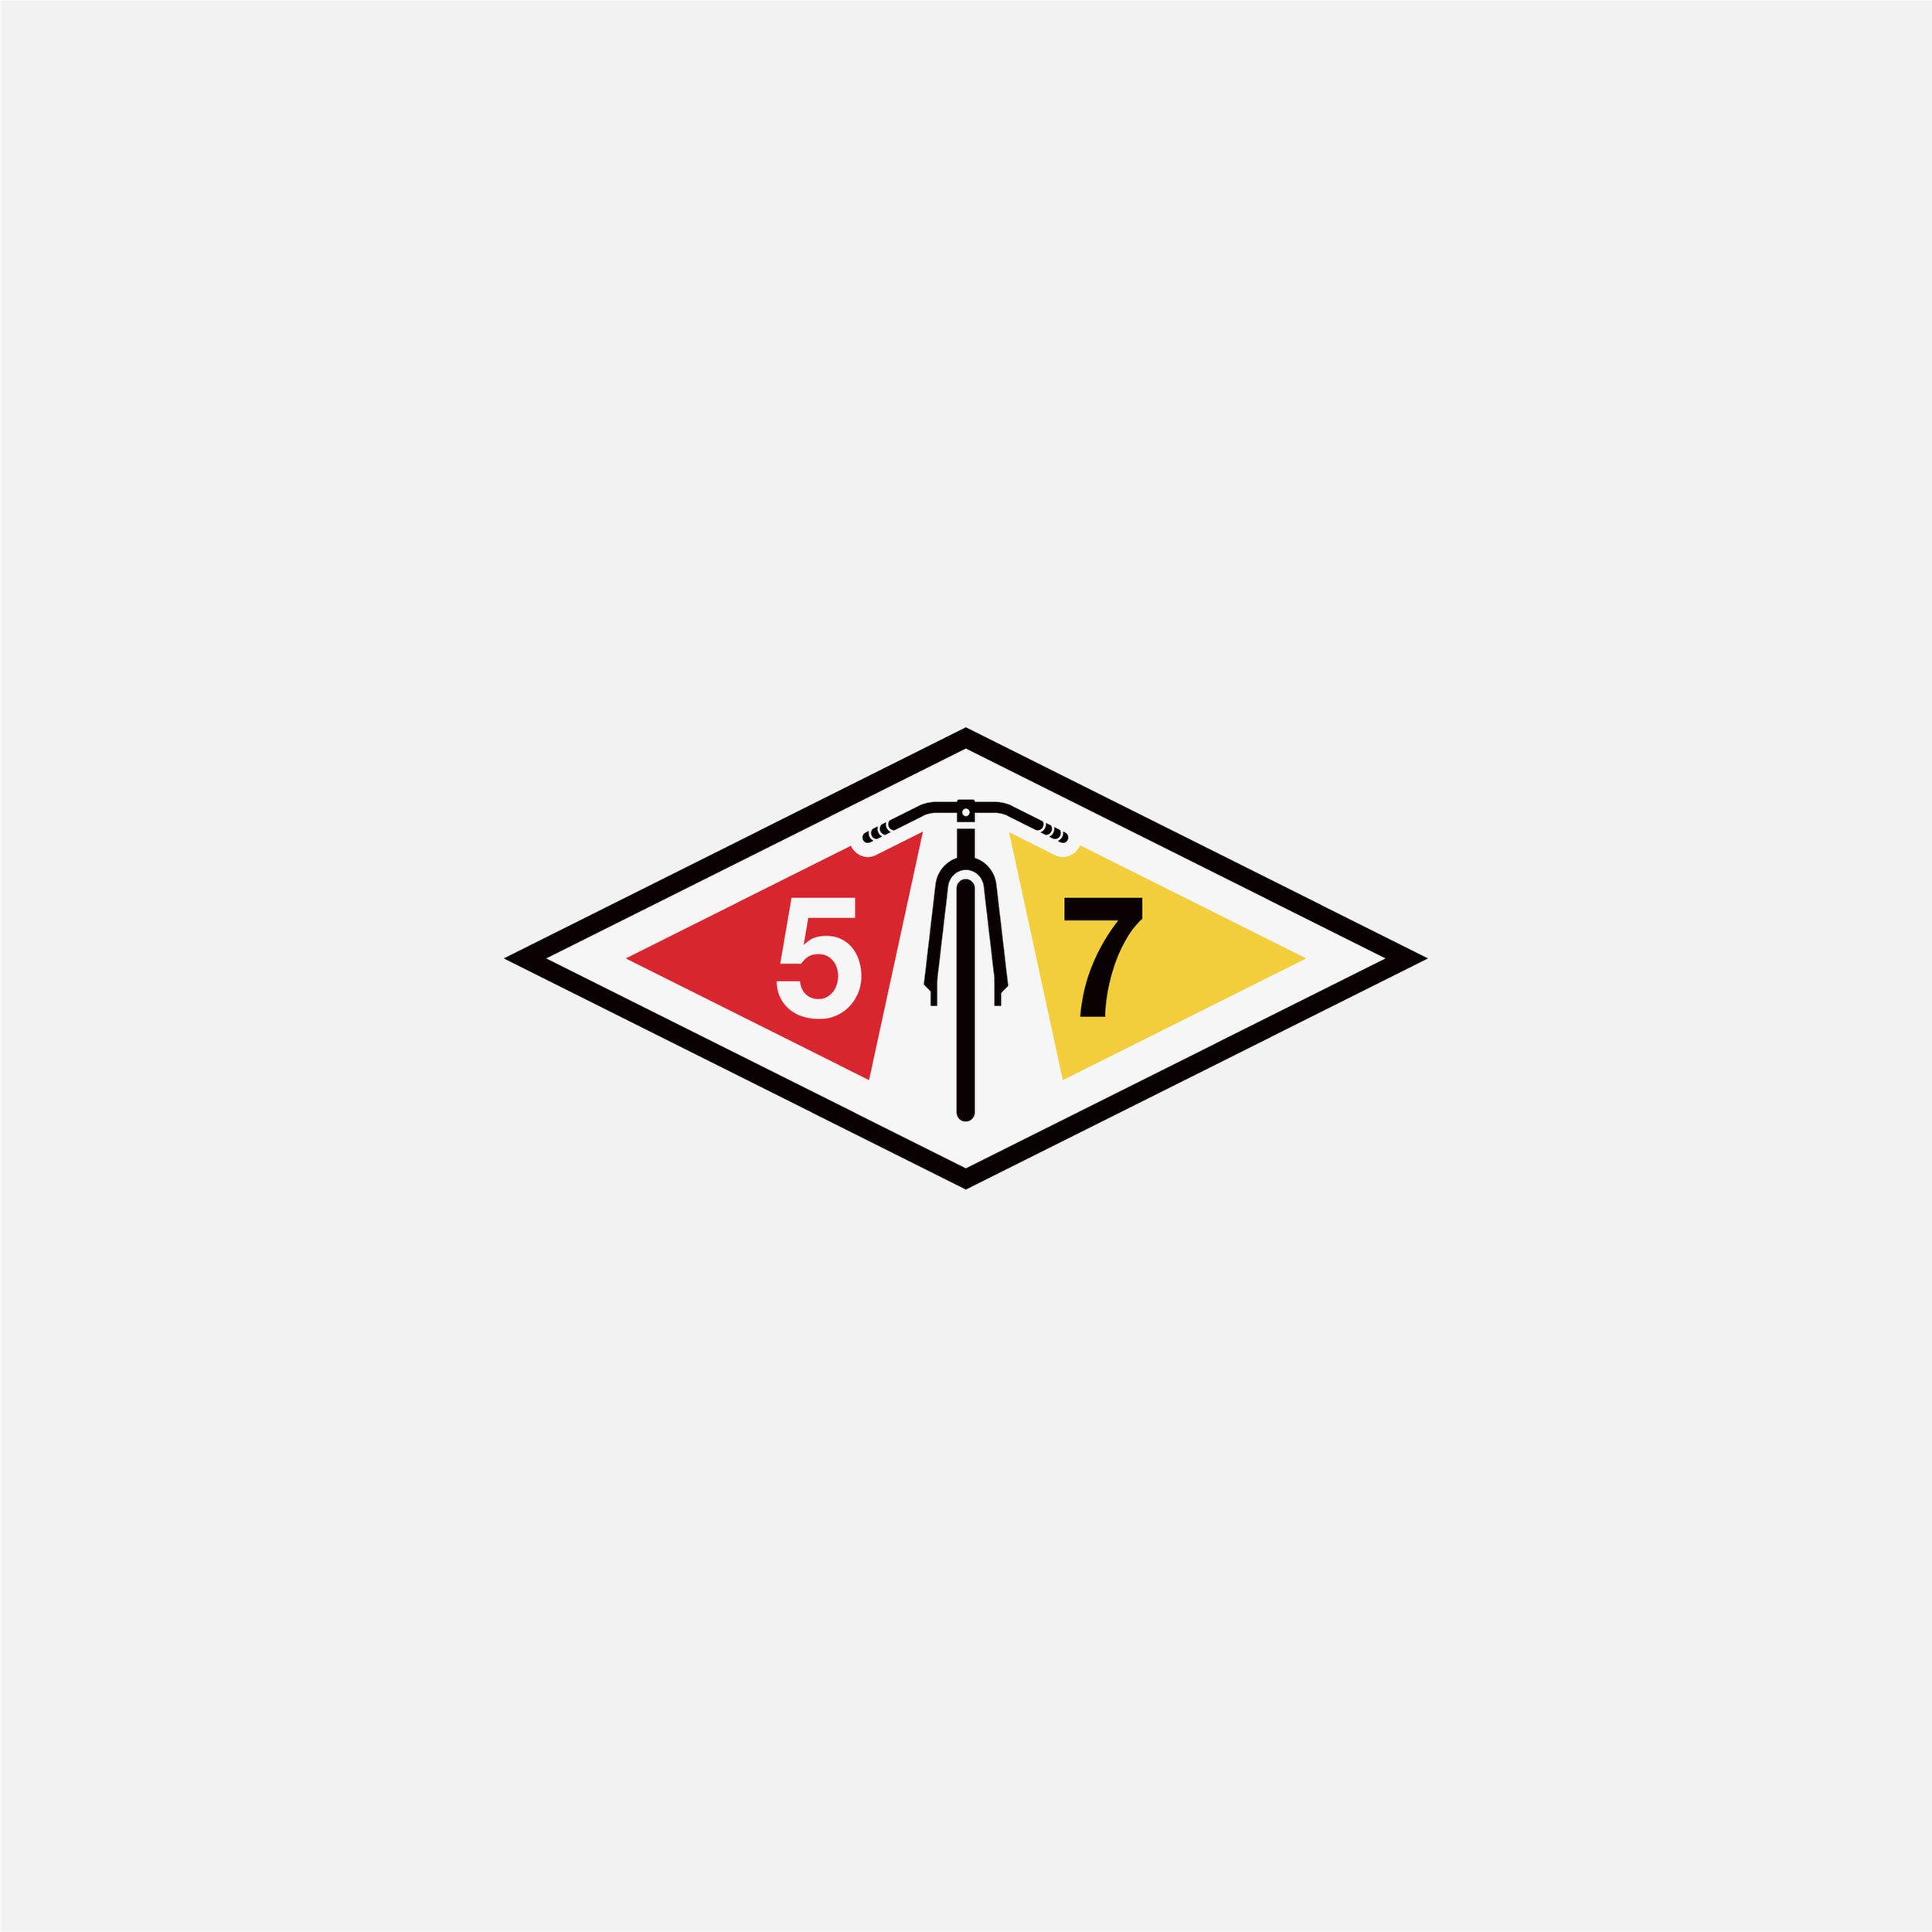 Red5 Yellow7.jpg